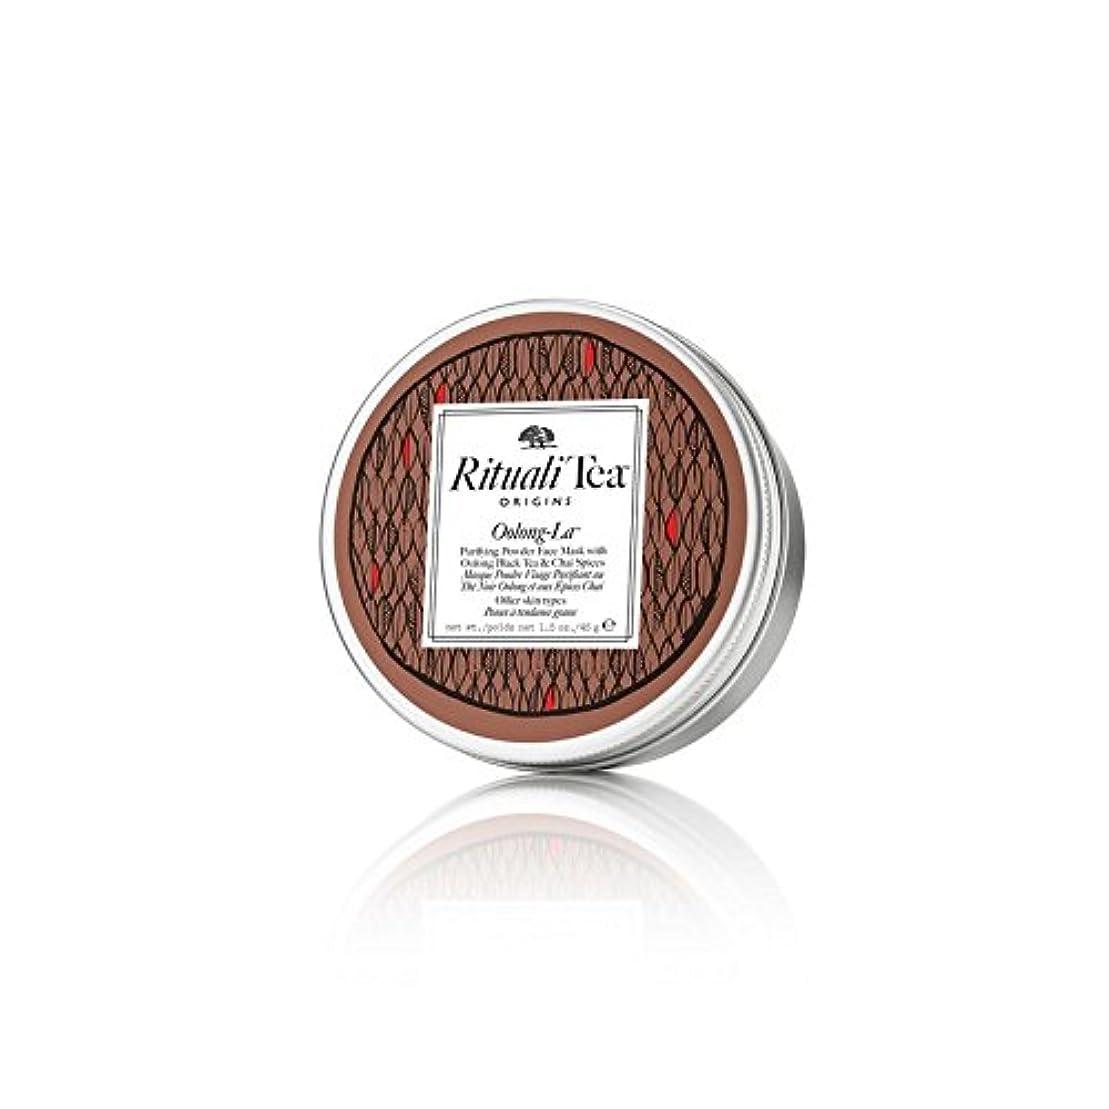 服異常な灰起源抹茶フェイスマスク烏龍茶ラ45グラム x2 - Origins Powdered Tea Face Mask Oolong-La 45g (Pack of 2) [並行輸入品]